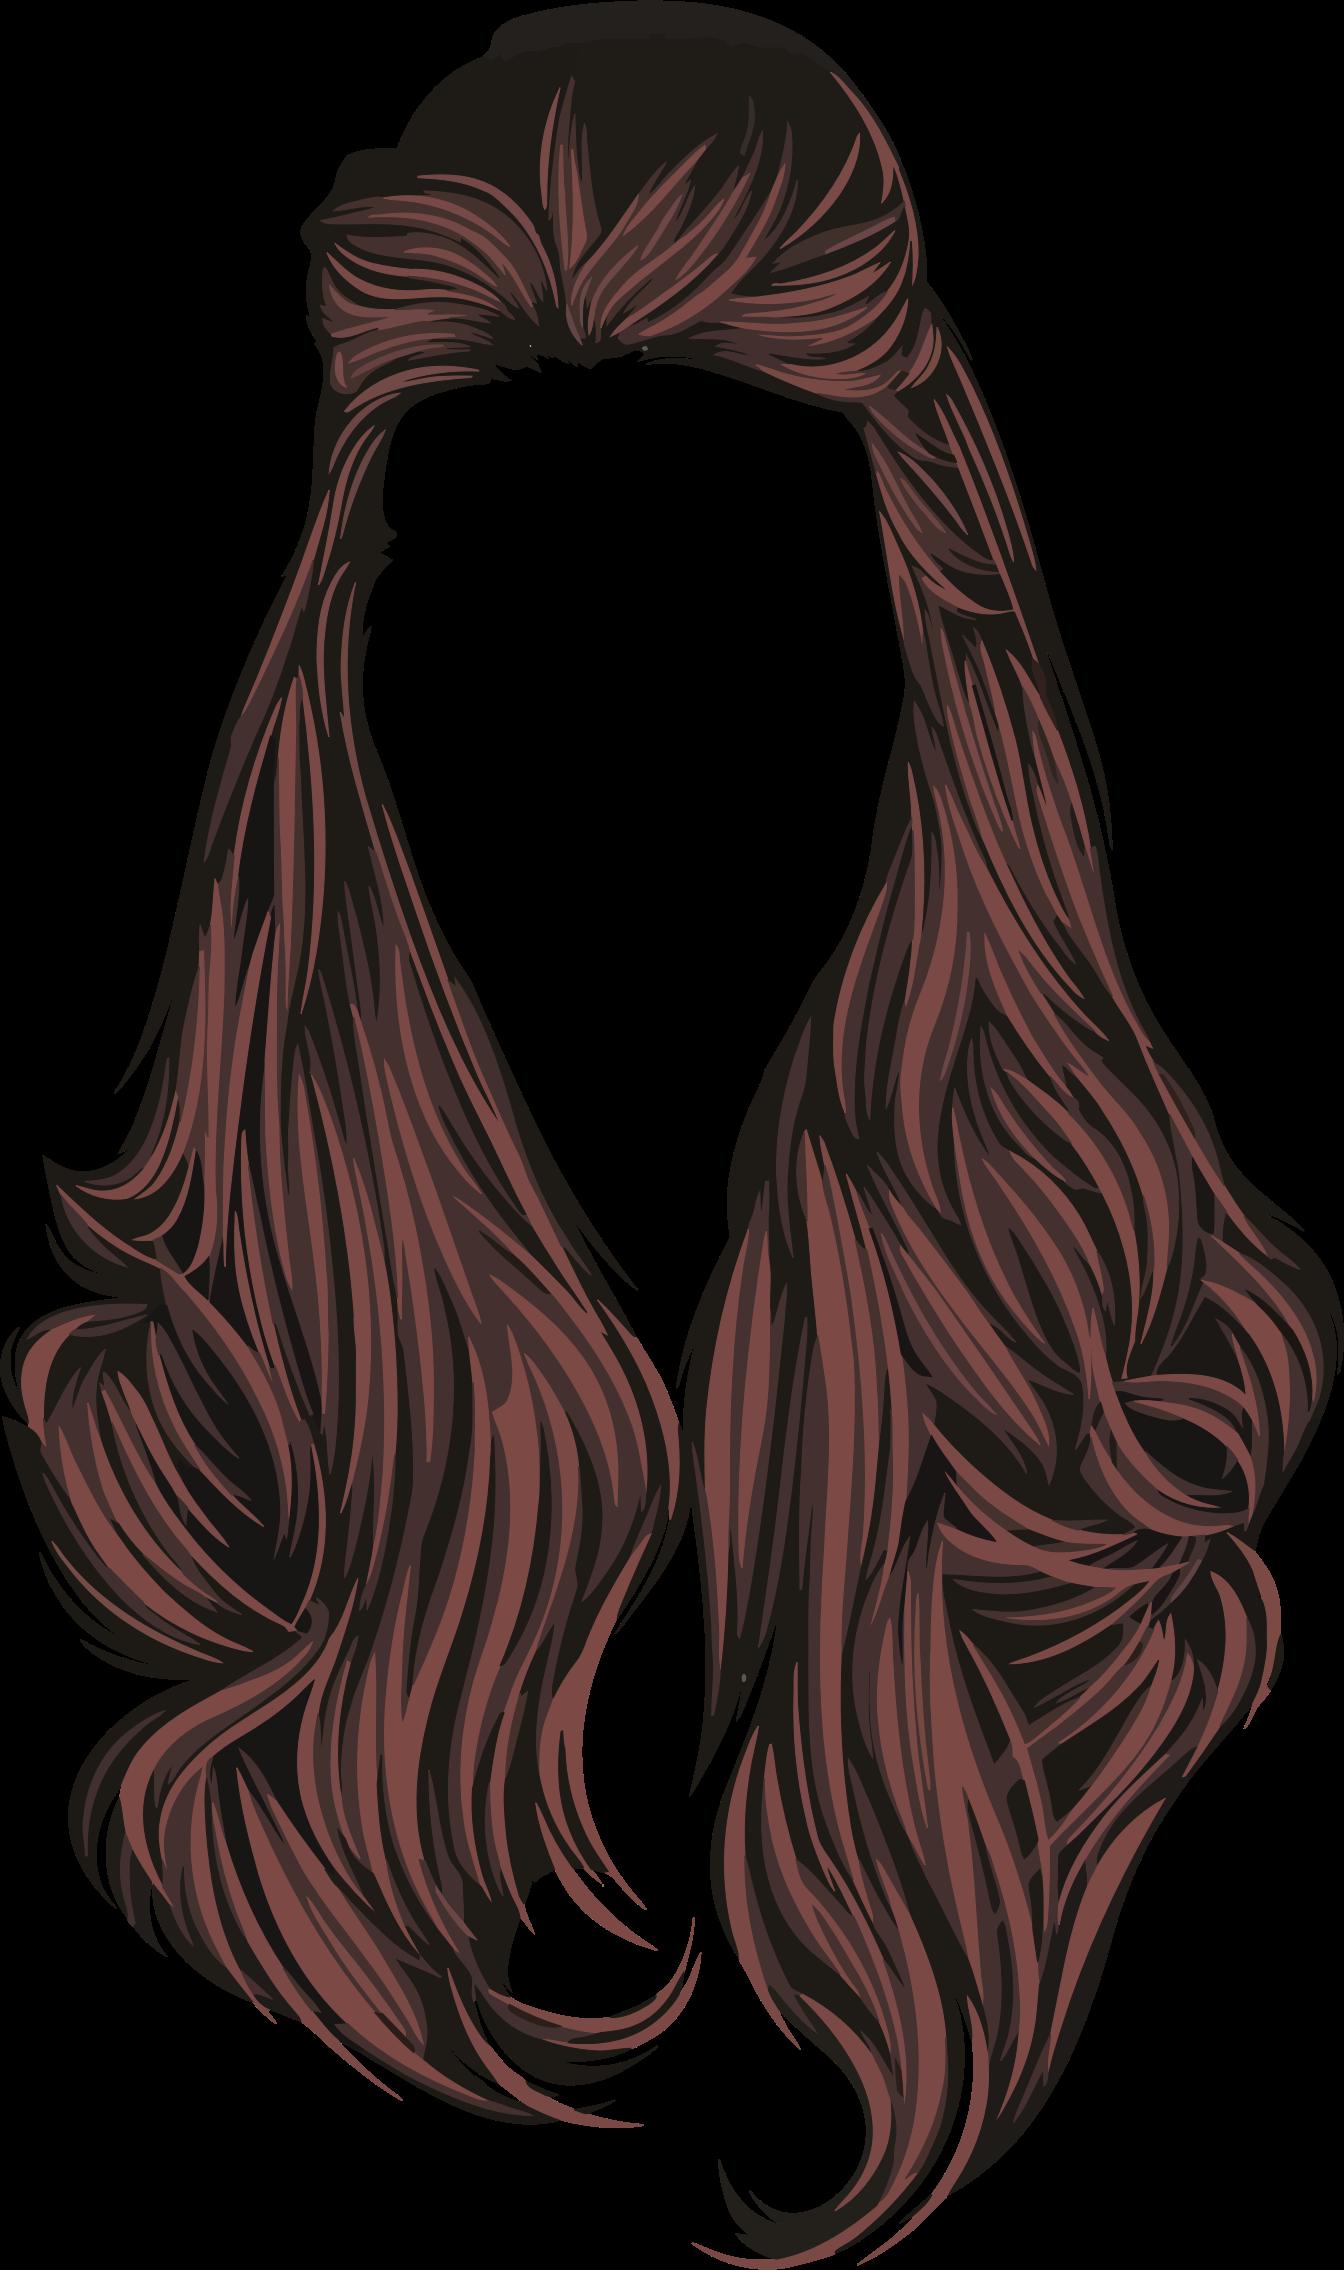 Clipart - Female Hair